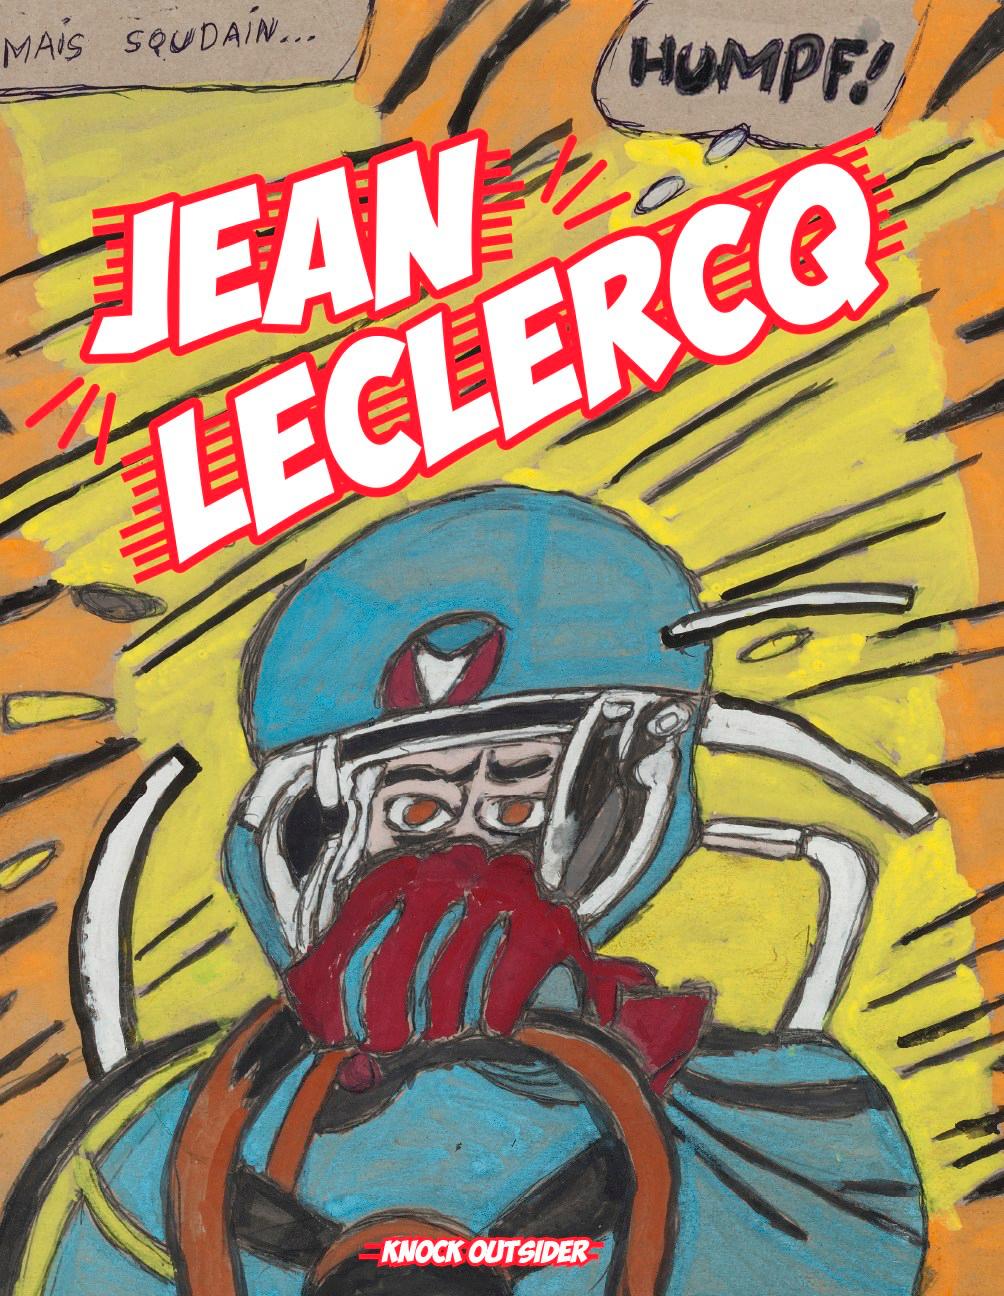 Jean Leclerq-couv